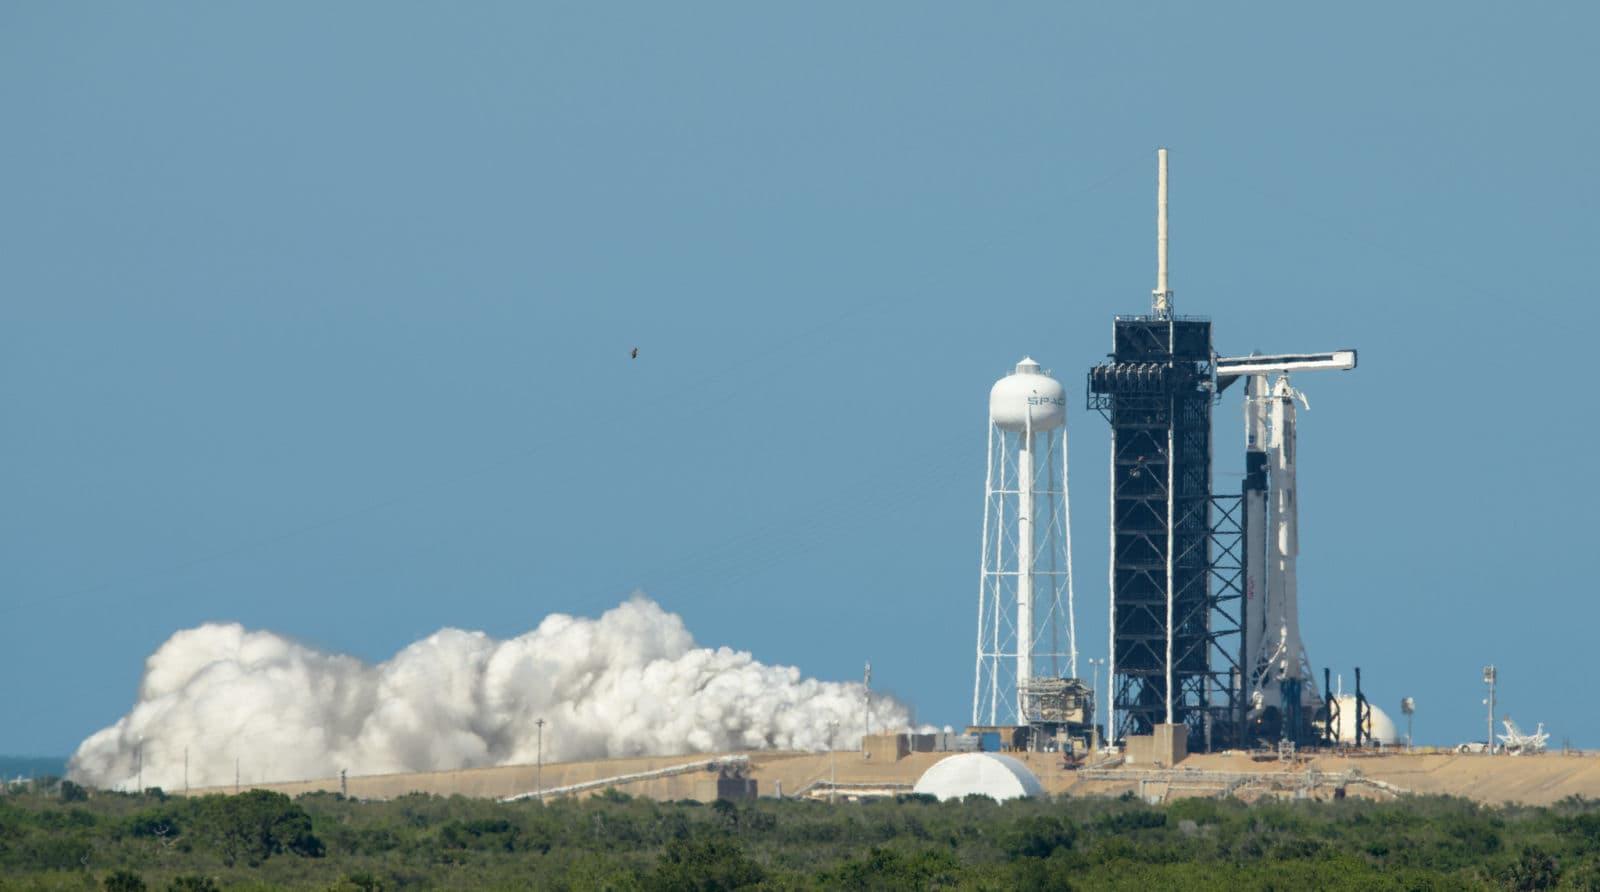 Teste de incêndio estático do foguete Falcon 9 realizado dia 22 de maio